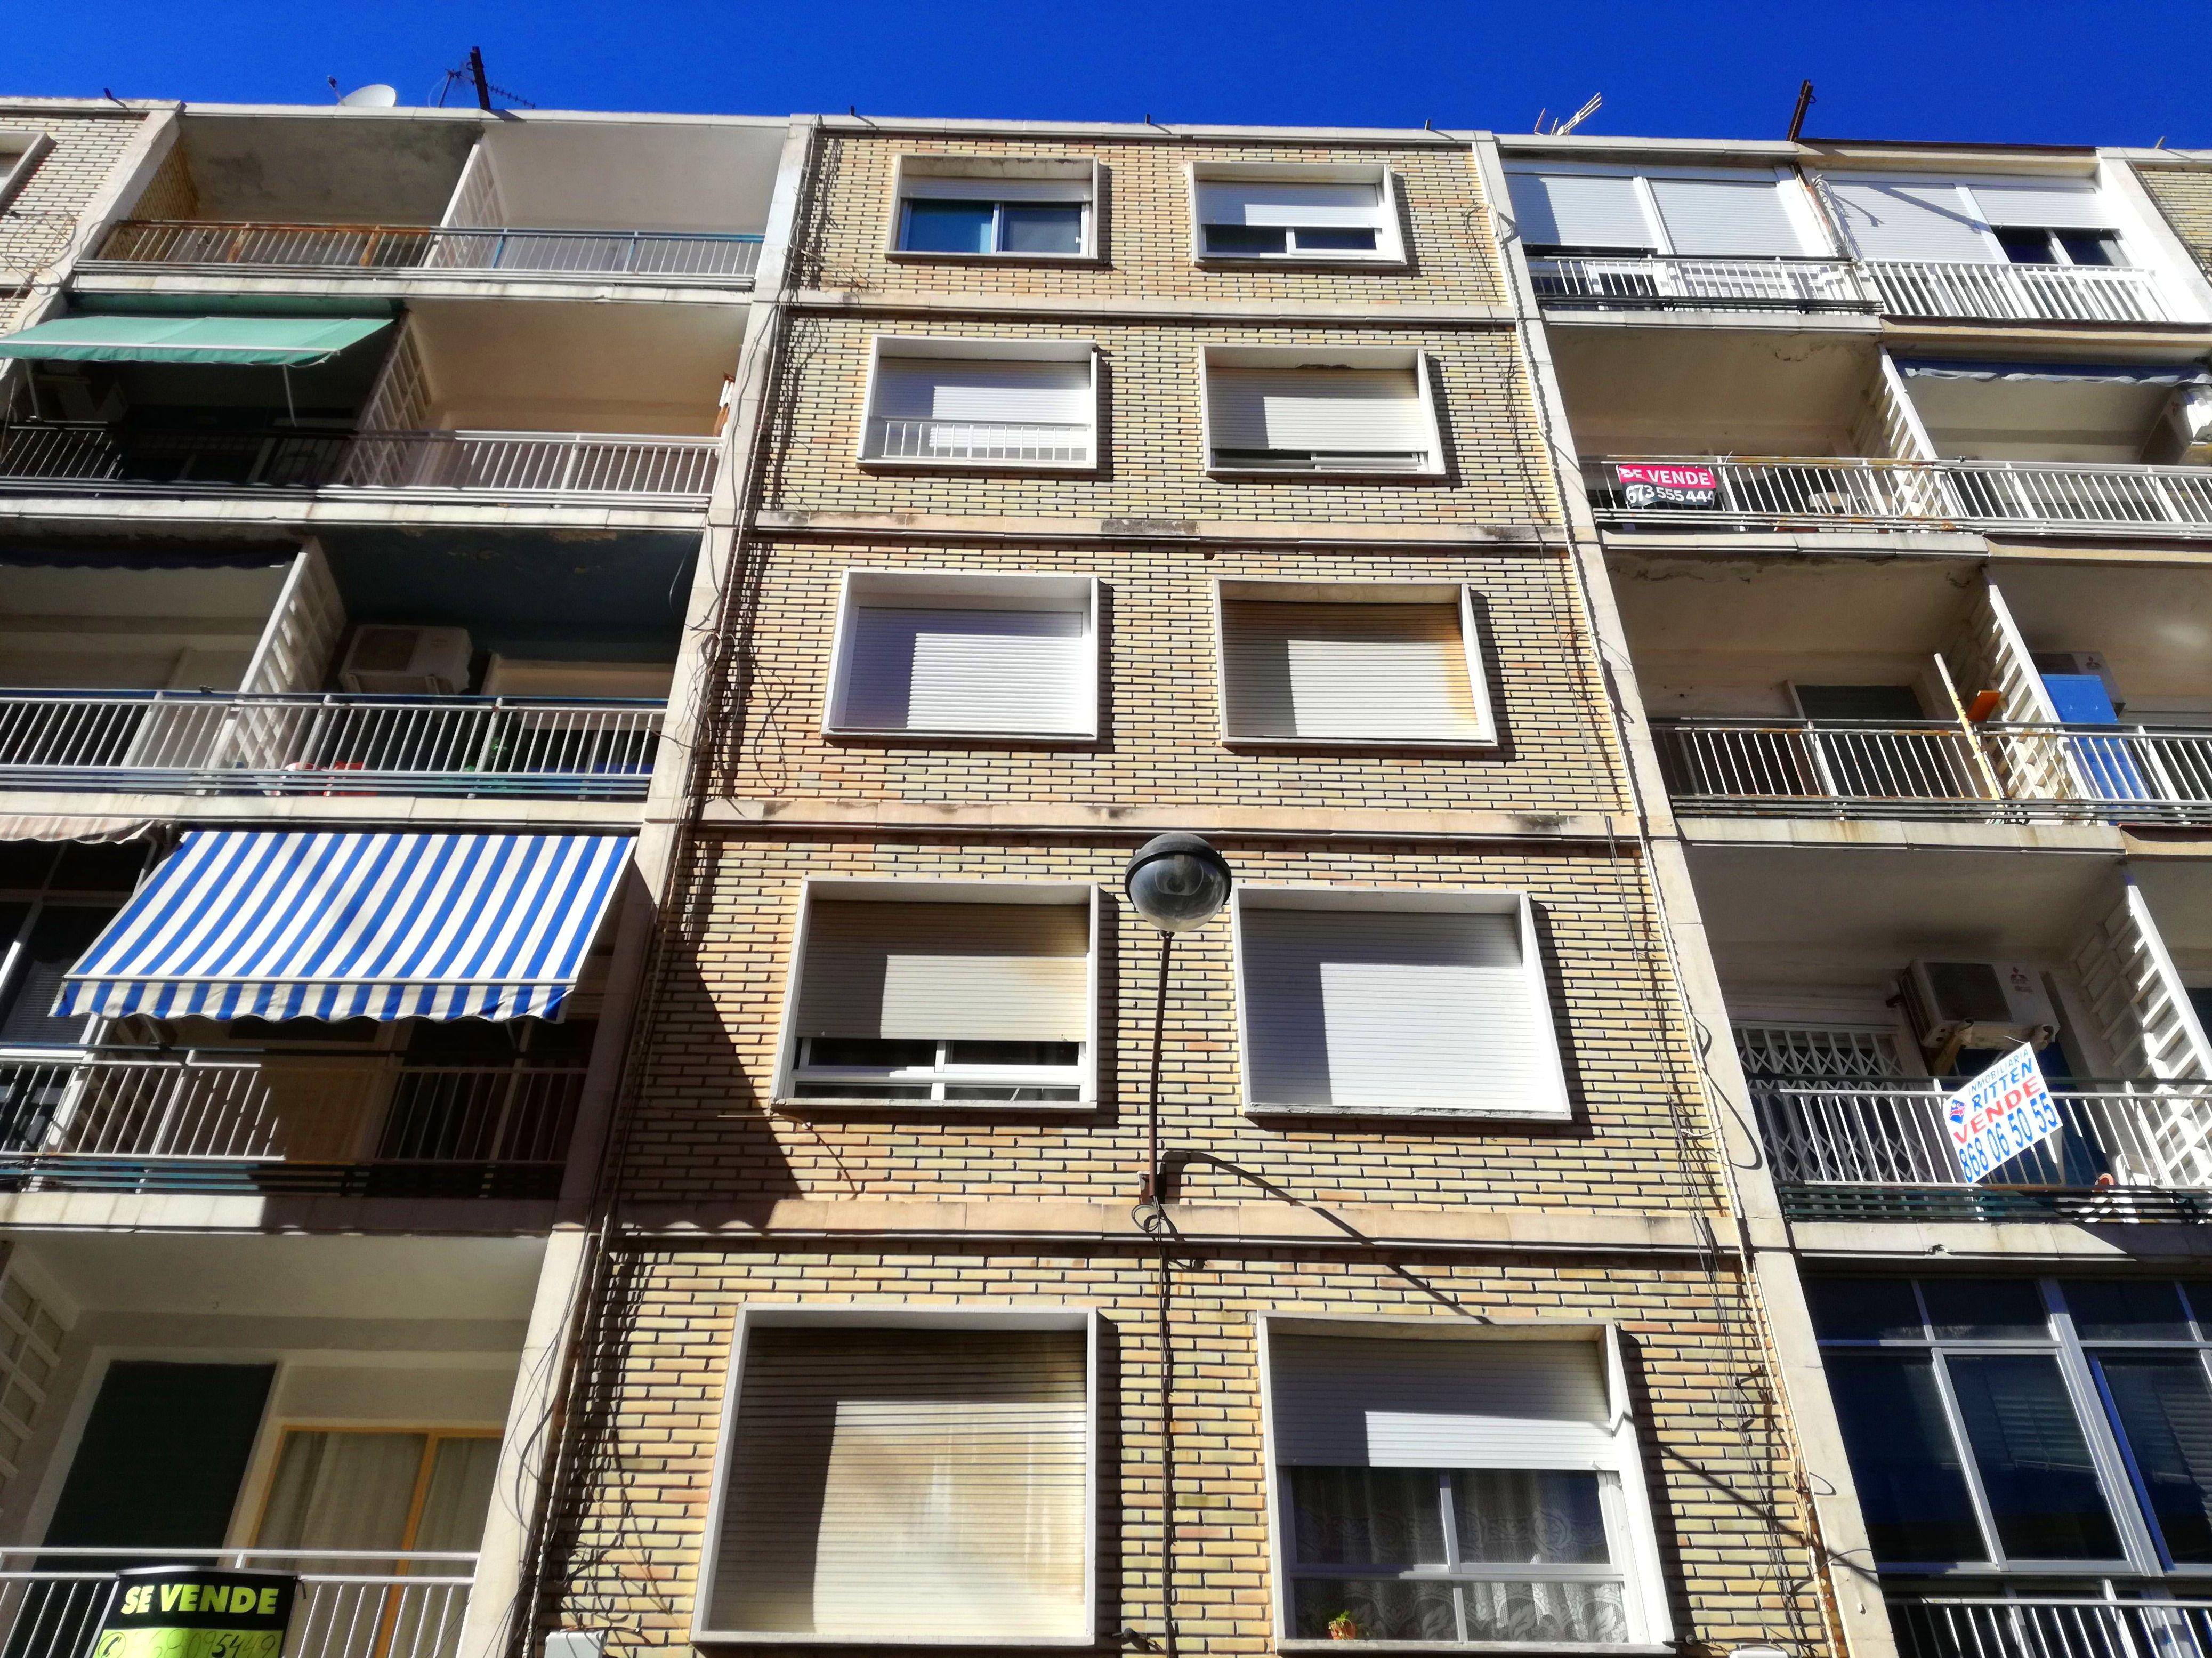 Informe de Evaluación de Edificio en Bloque de Viviendas